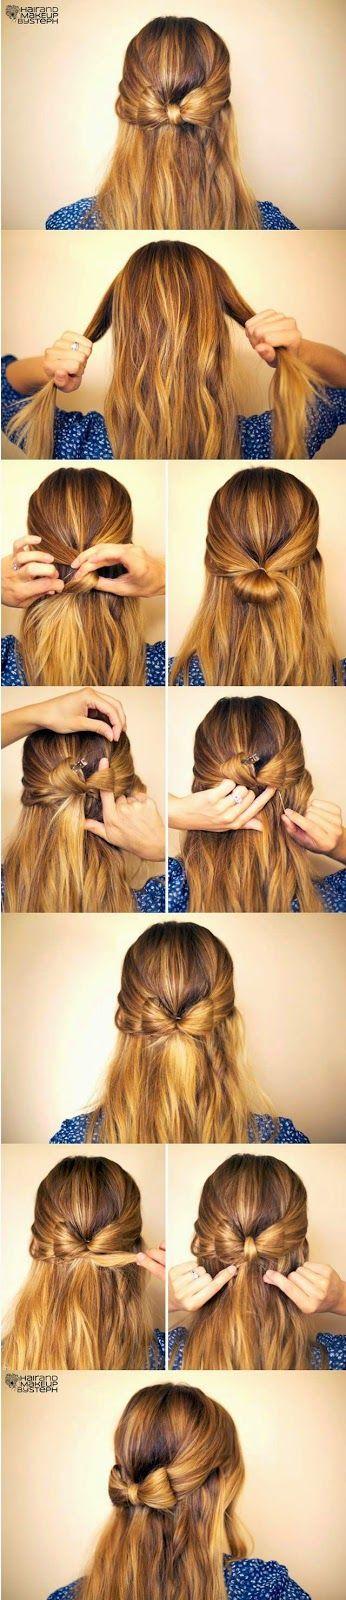 13 peinados fáciles explicados paso a paso